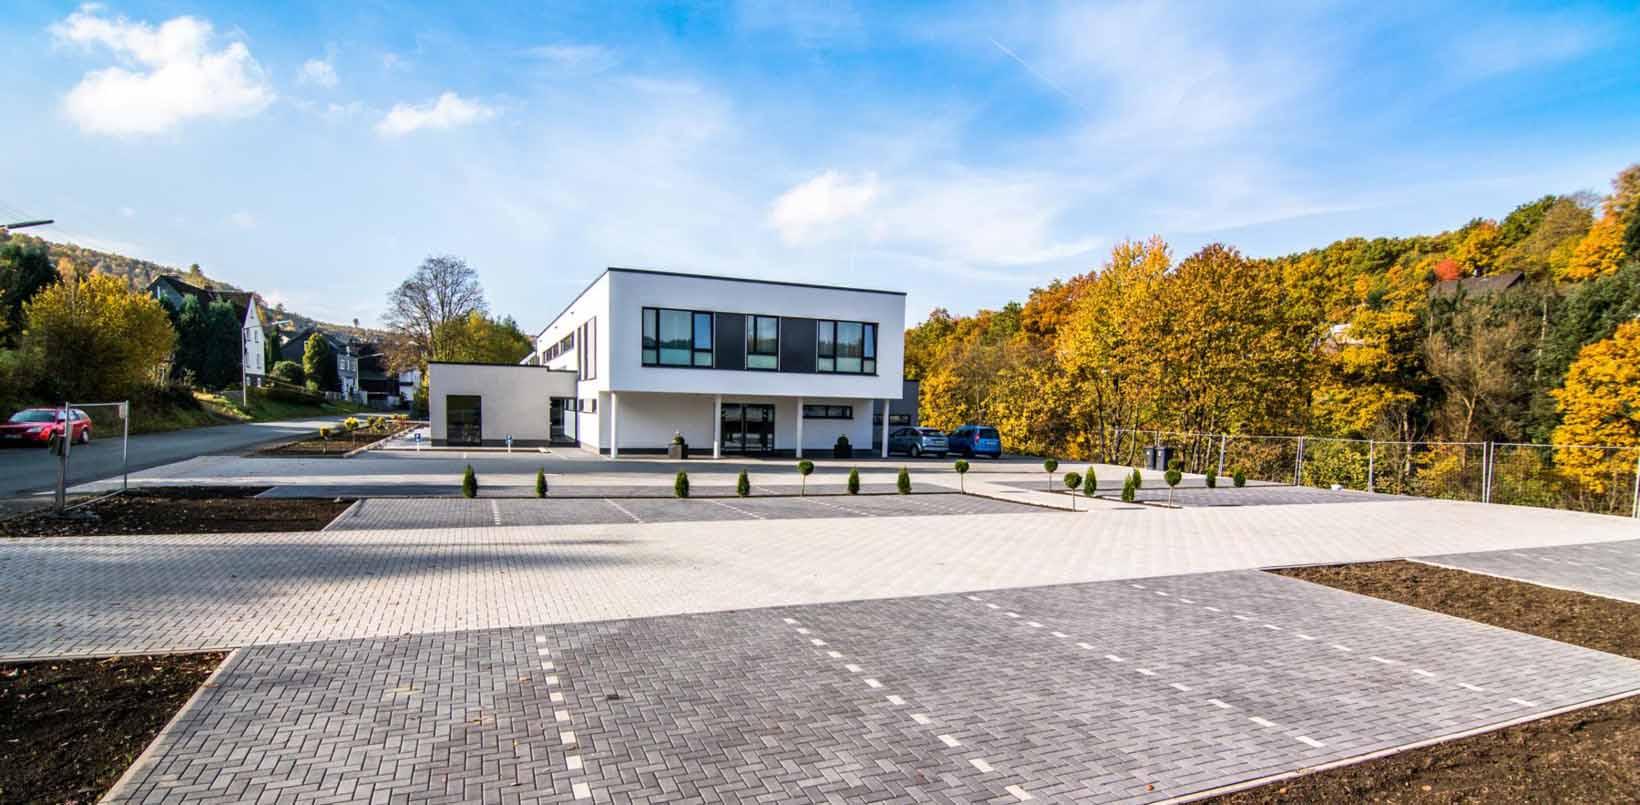 Architekt christ adventgemeinde siegen 2 - Architektur siegen ...